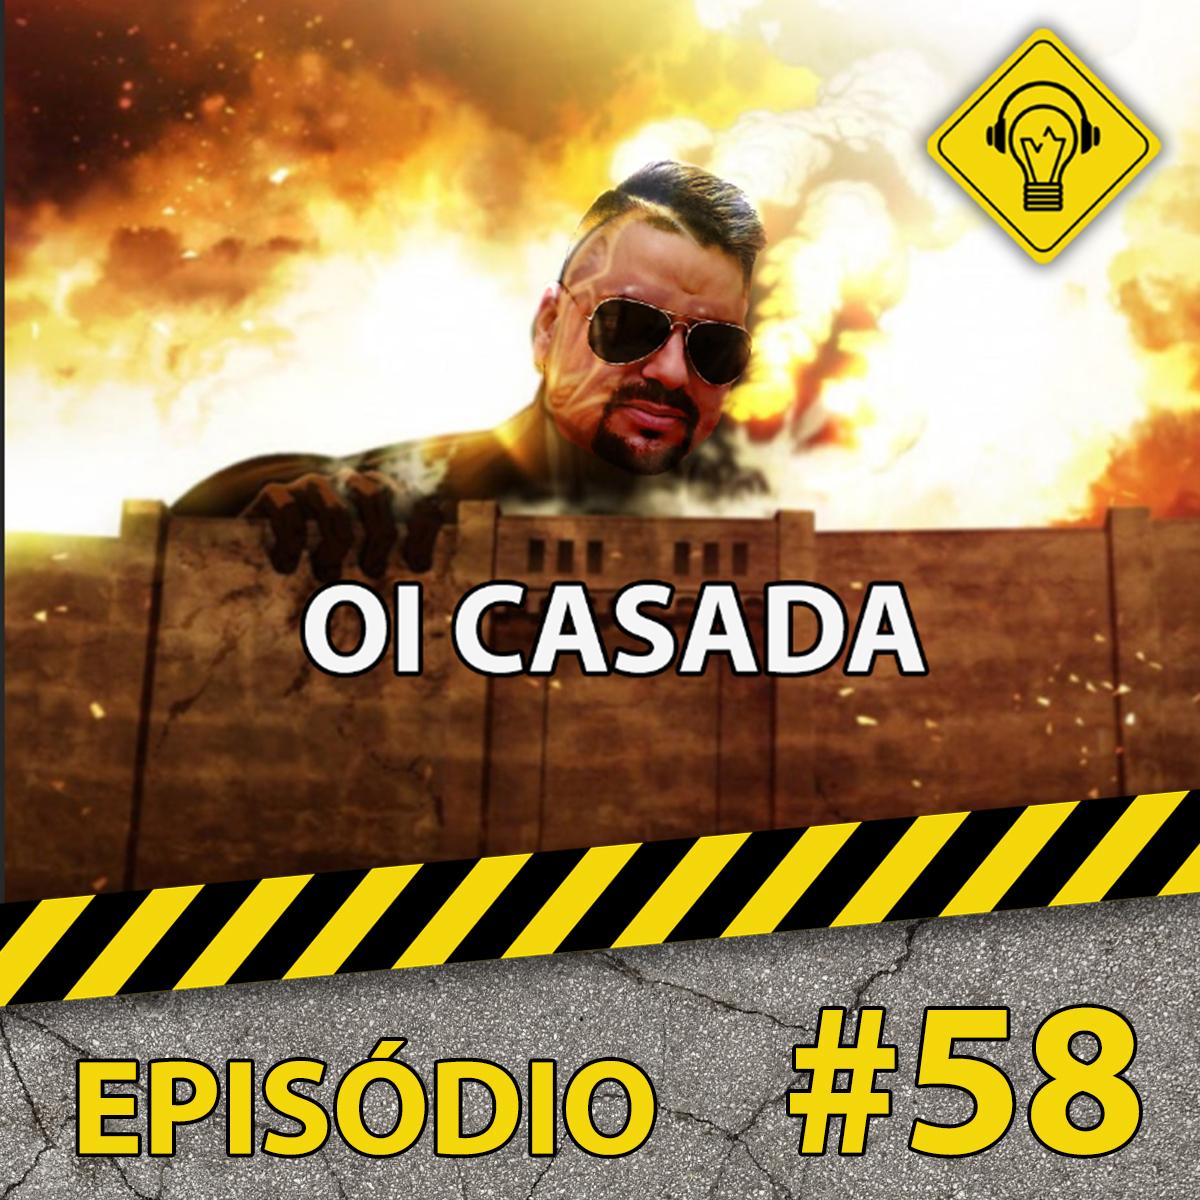 Ideia Errada #58: Attack on Titan primeira e segunda temporada